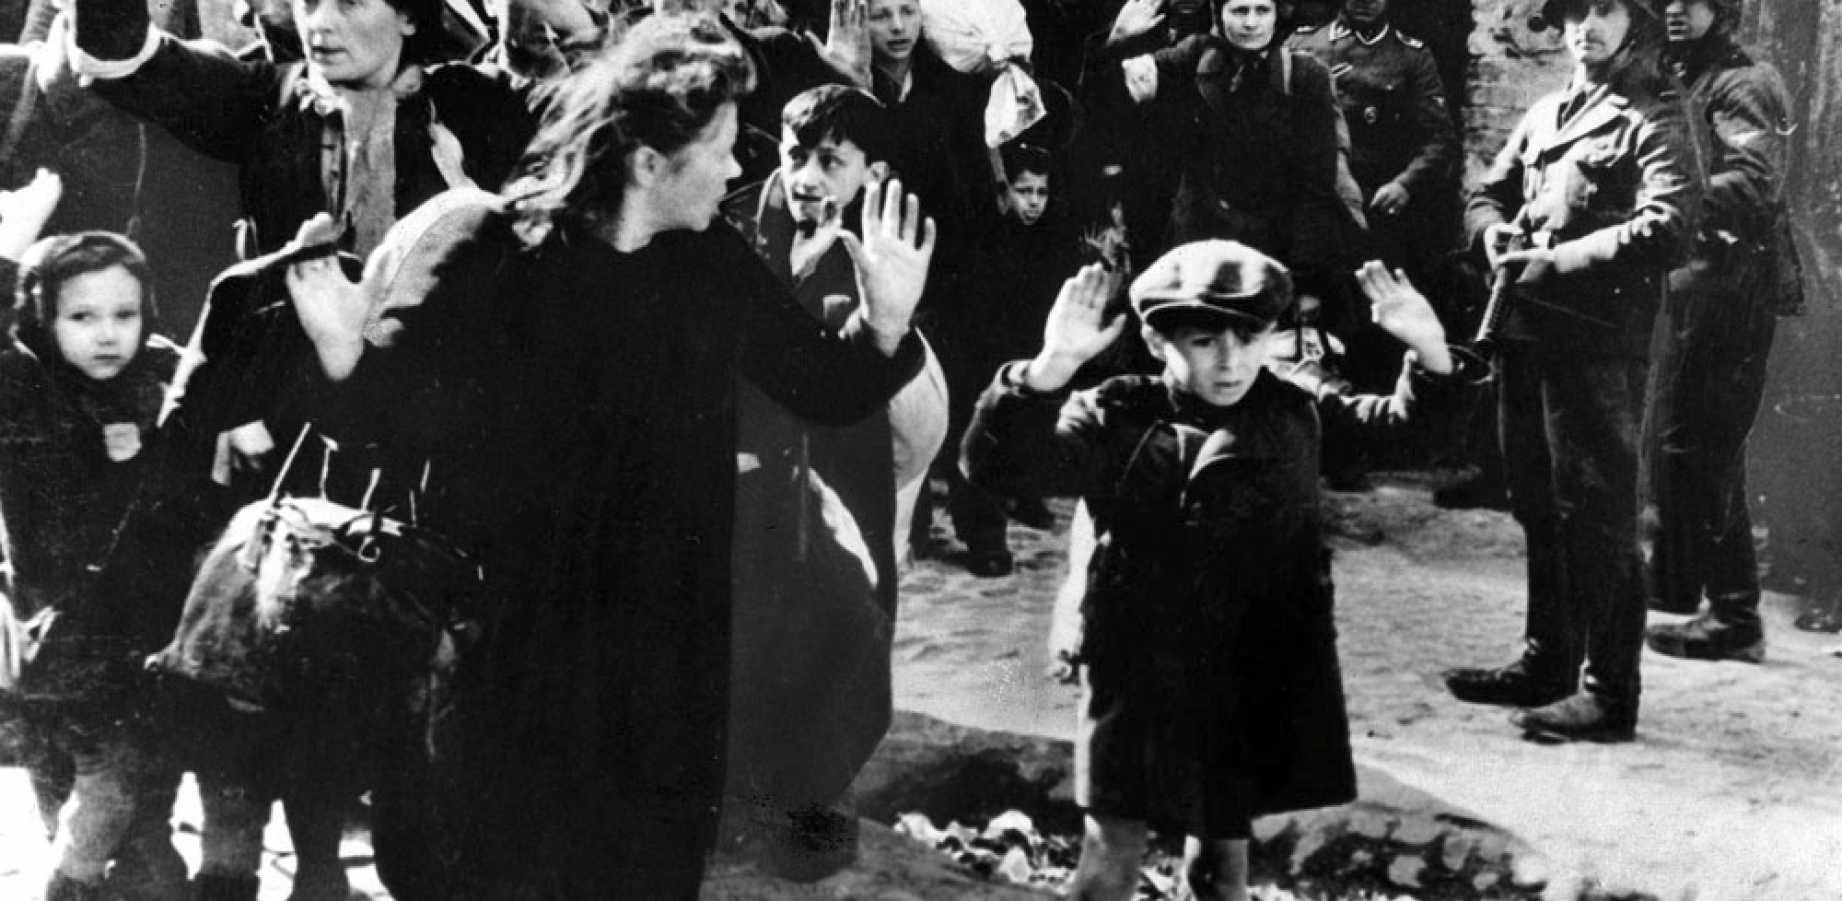 Nuotrauka iš Jürgeno Stroopo raporto apie Varšuvos geto sukilimą